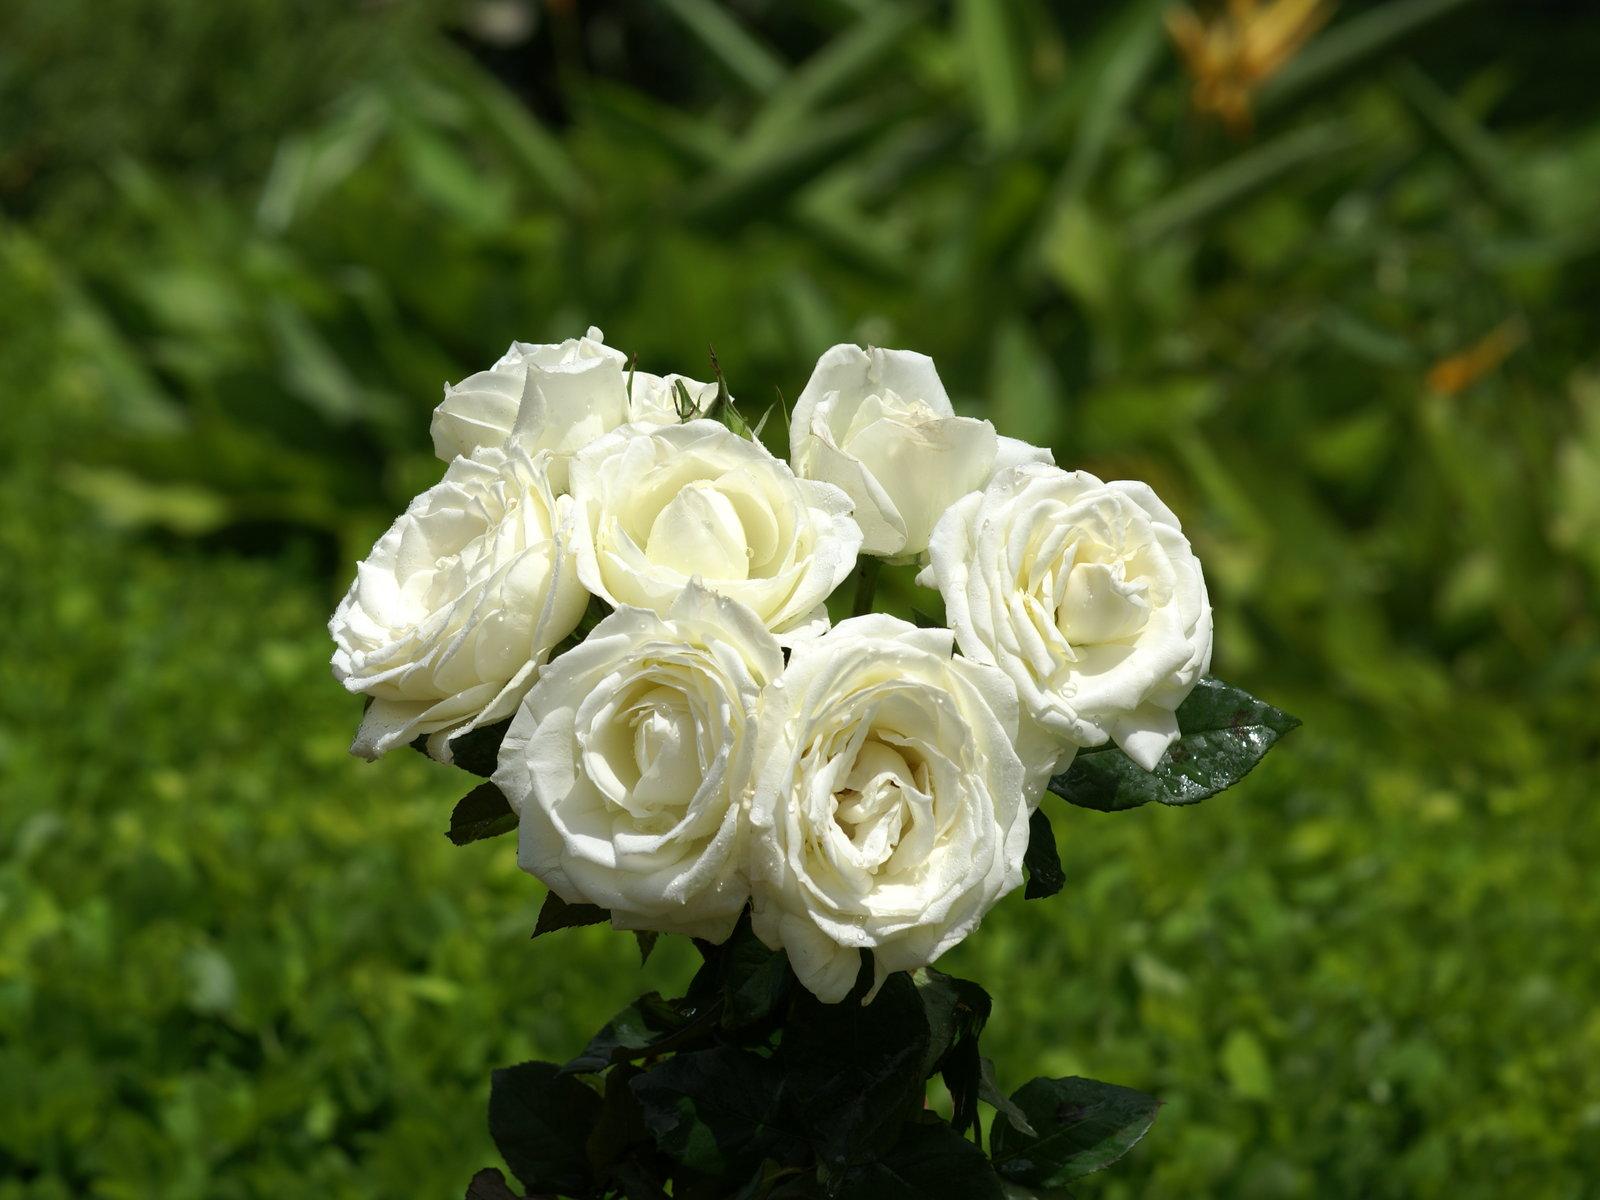 Imagenes de flores hermosas amarillas - Rosas rosas hermosas ...